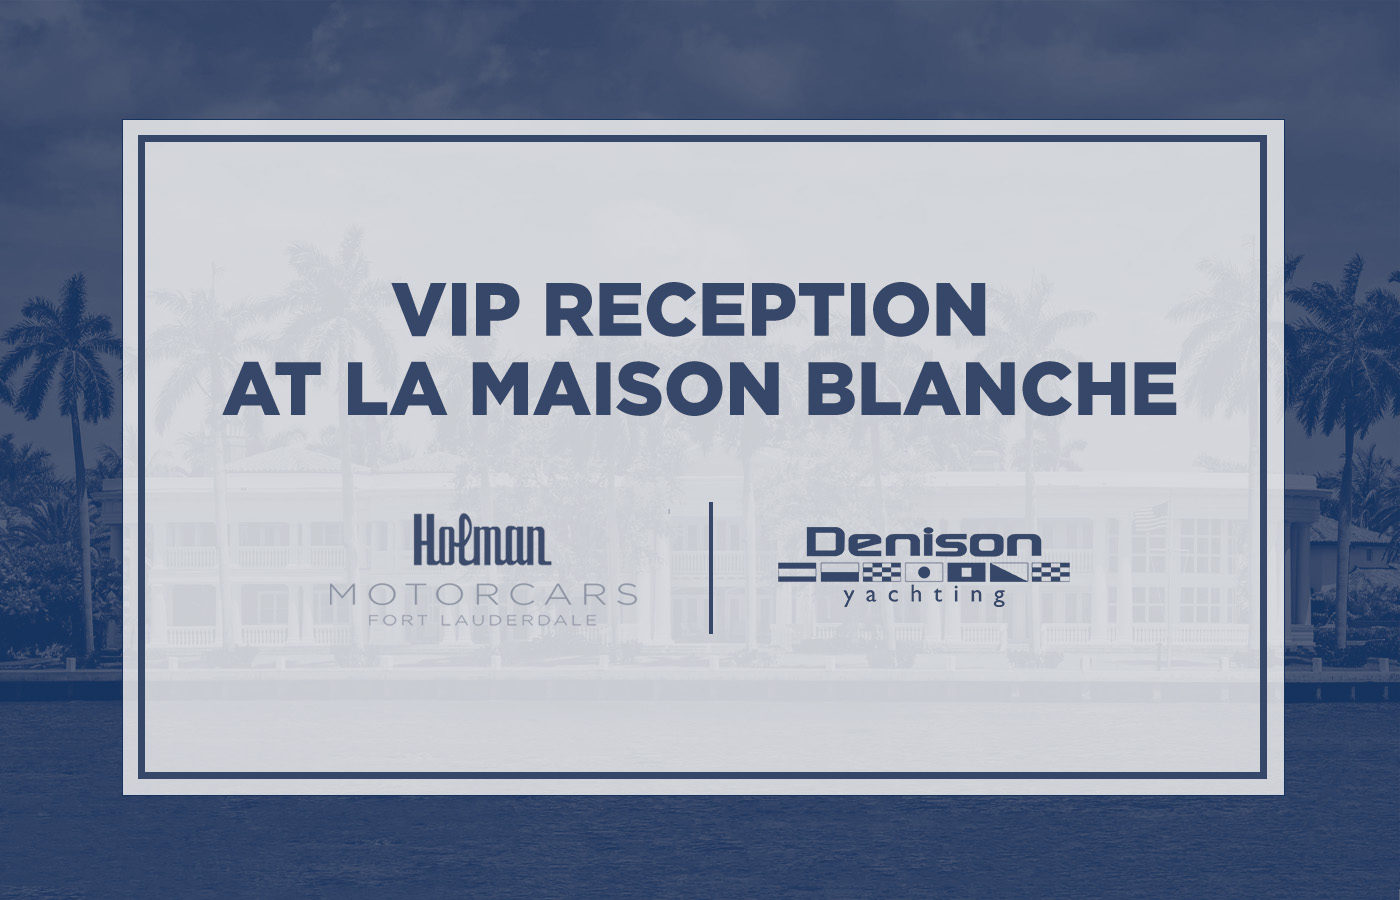 VIP Reception At La Maison Blanche [FLIBS 2021]